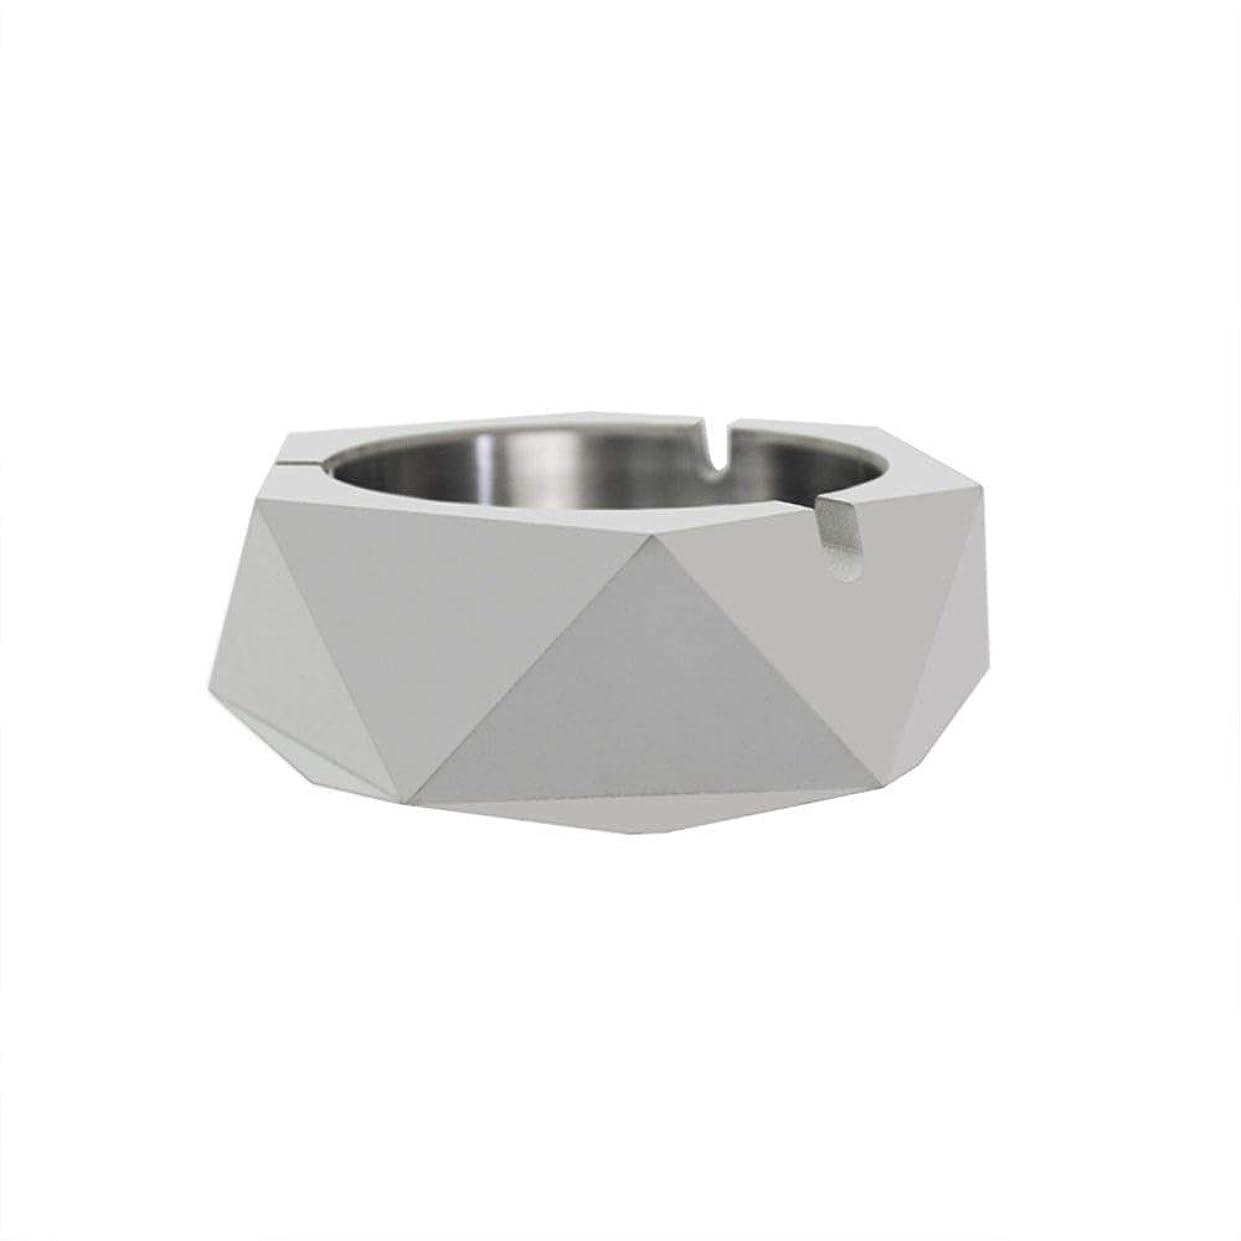 前登山家安心ダイヤモンド型シリコーン型石膏セメントDIY灰皿ローソク足、セメントクリエイティブ灰皿、セメントクリエイティブ灰皿増加 (色 : A)